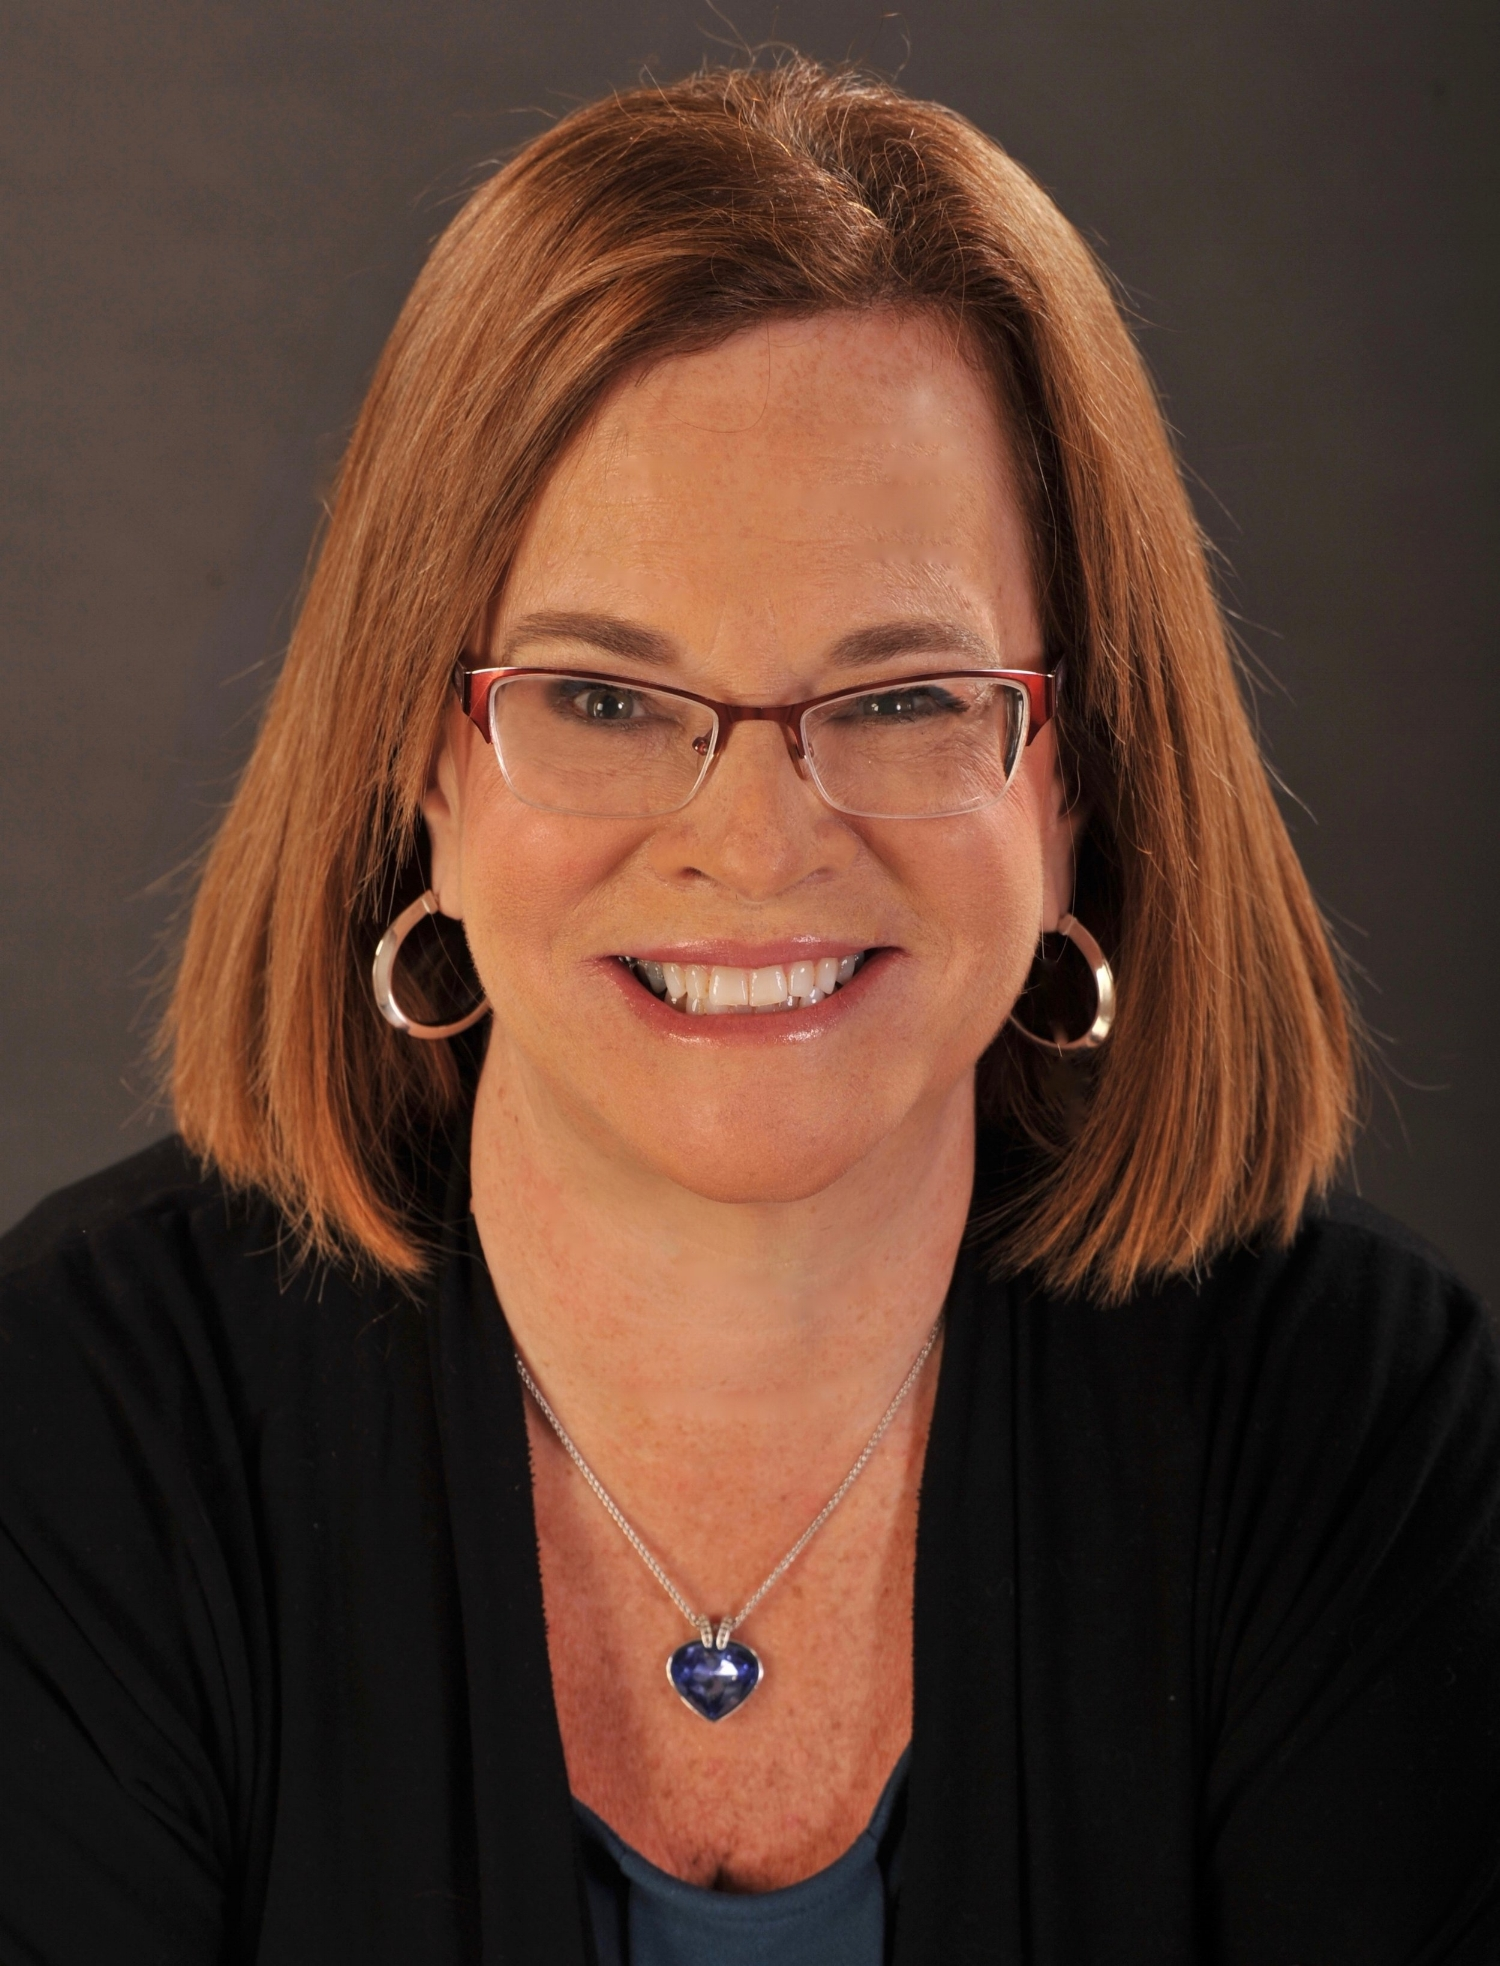 Rev. Dr. Debra W. Haffner